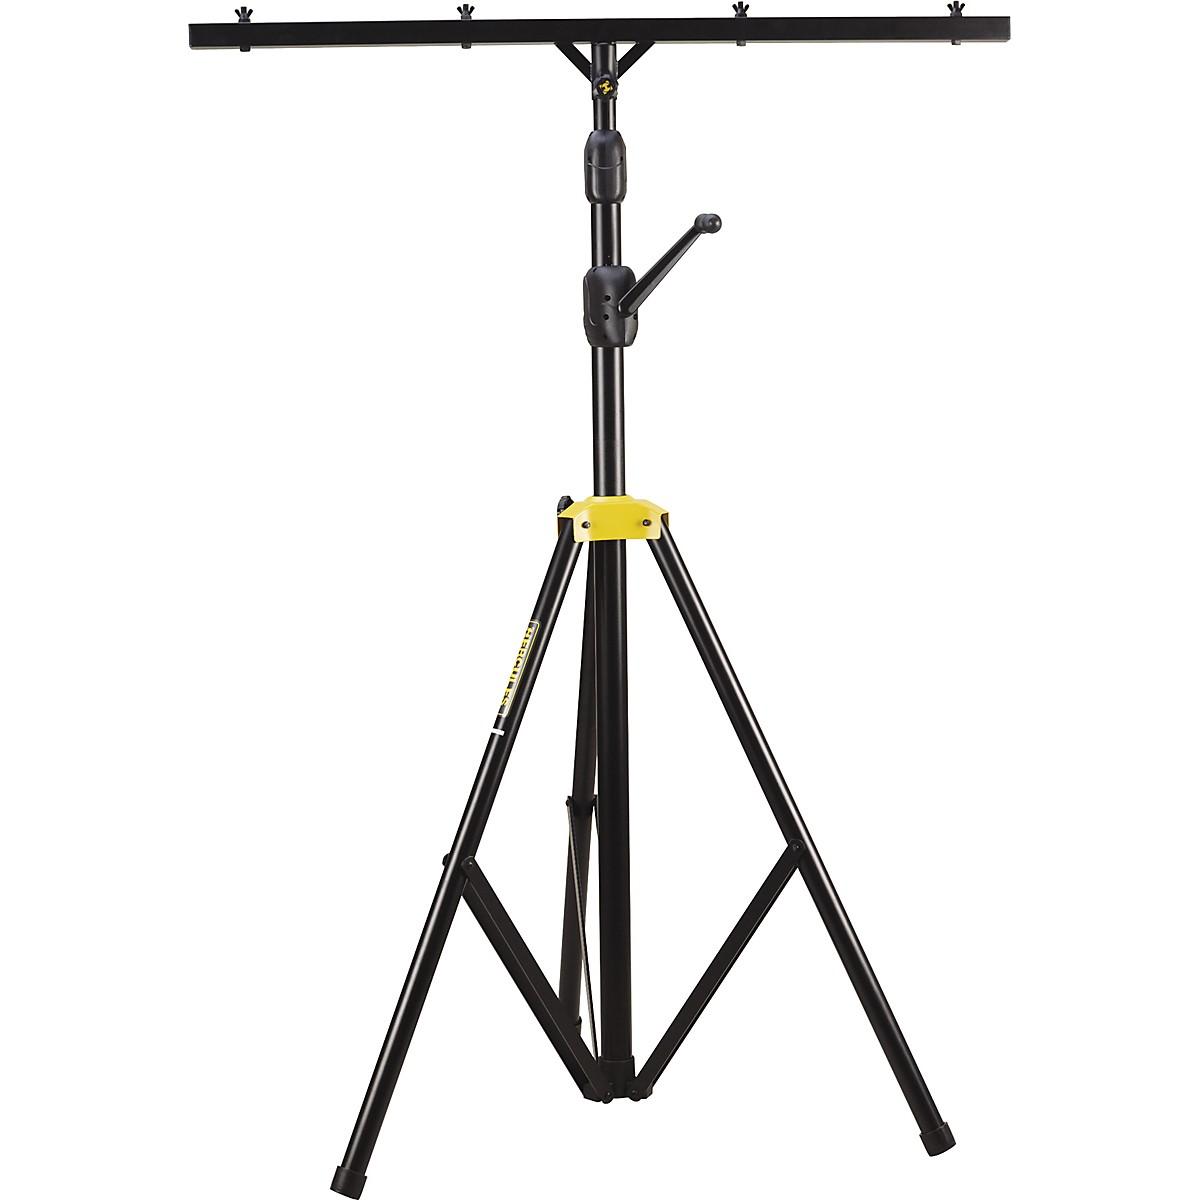 Hercules Stands LS700B Quick-N-EZ Crank Light Stand